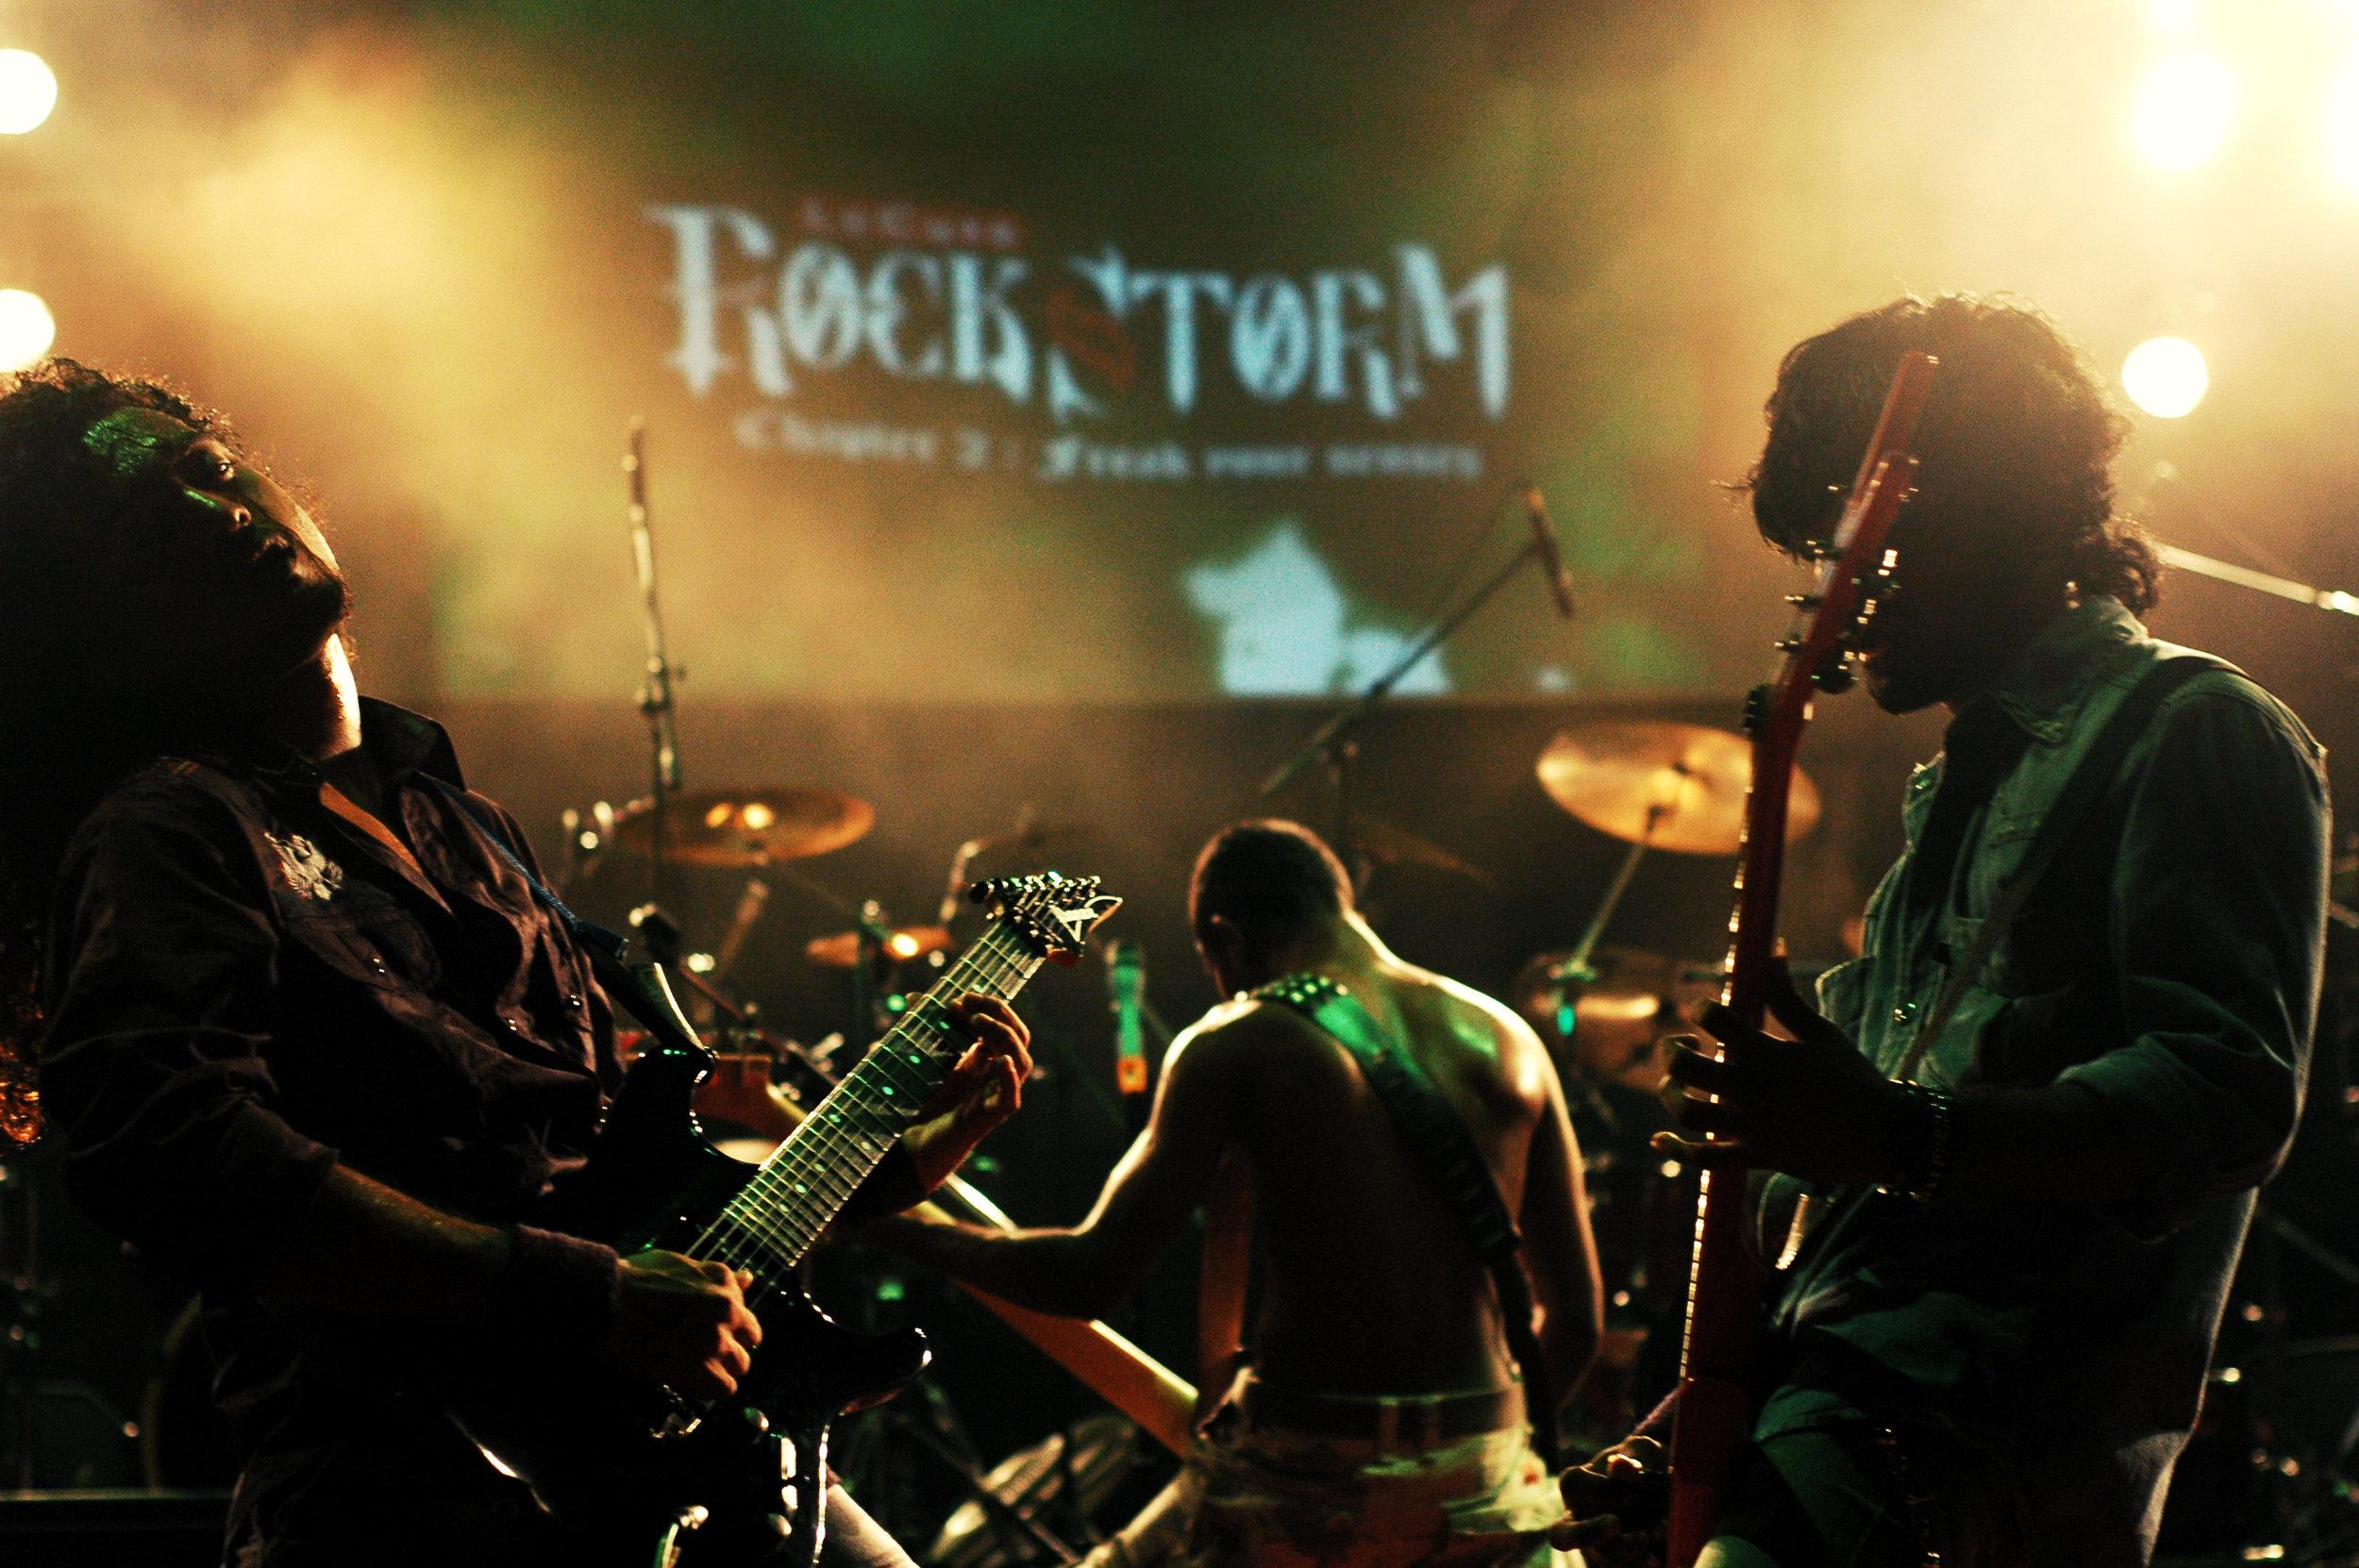 2008-02-01 - Male' City - Rockstorm Chapter 2 Freak Your Senses - D70s--2.jpg